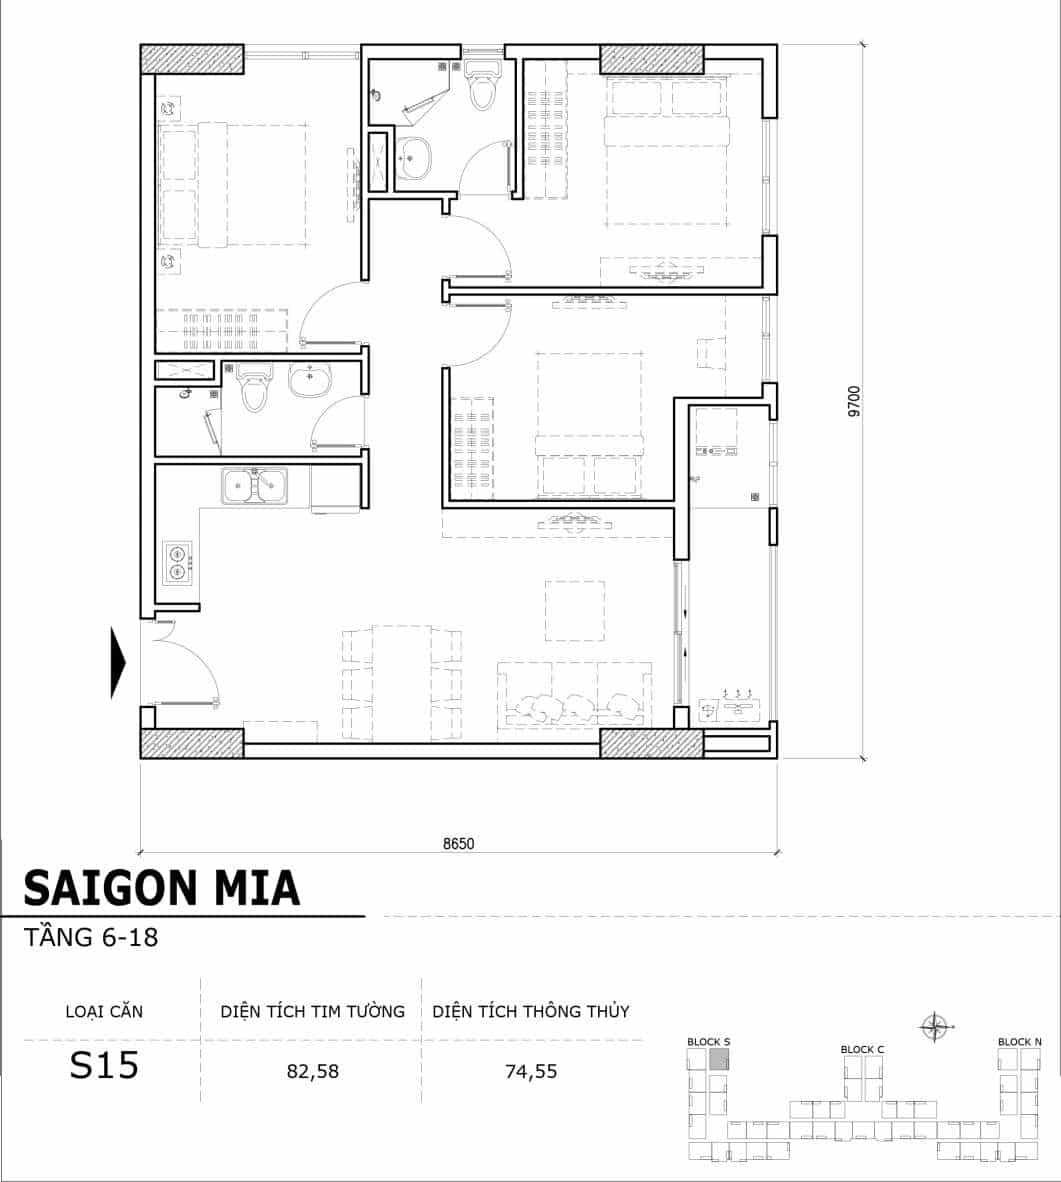 Chi tiết thiết kế căn hộ điển hình tầng 6-18 dự án Sài Gòn Mia - Căn S15